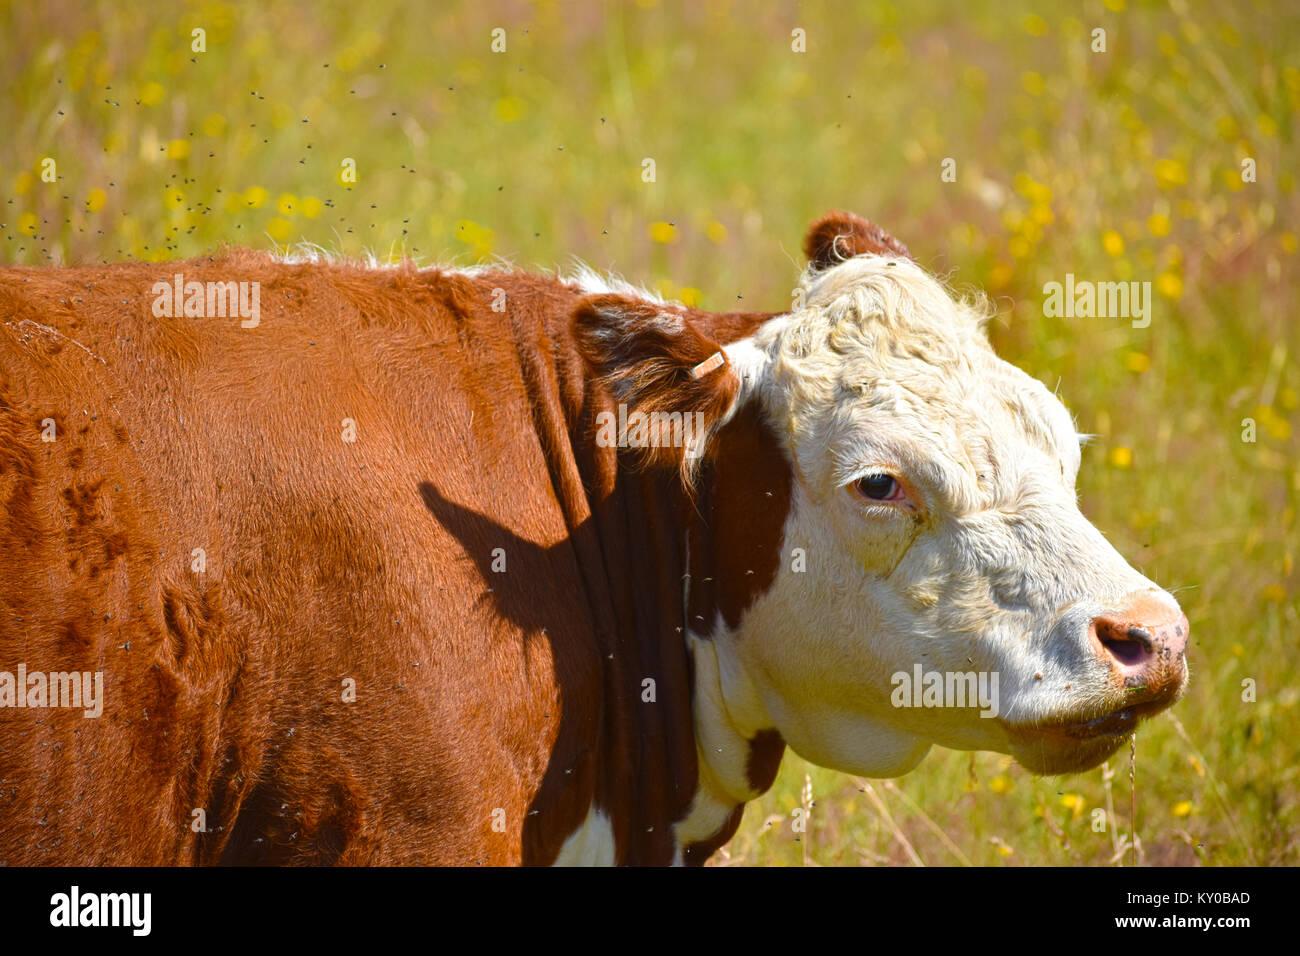 Miserable Kuh mit Tausenden von ihr fliegt reizt - sie steht in einer unscharfen Bereich der Löwenzahn. Stockfoto